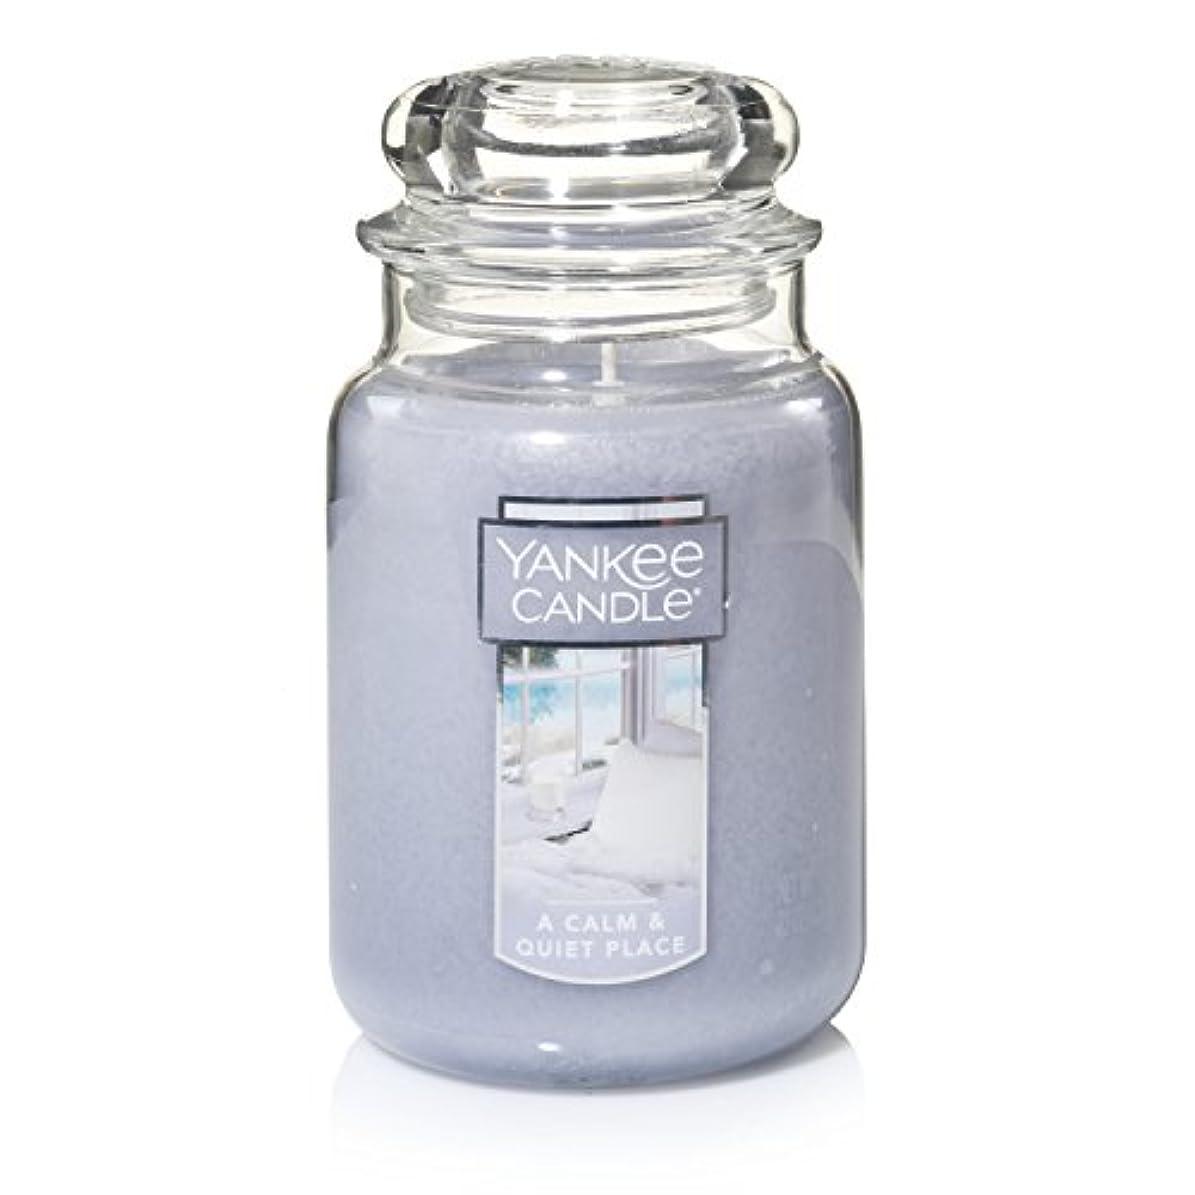 共和党運搬見通しYankee Candle A Calm & Quiet Place Jar Candle, Large